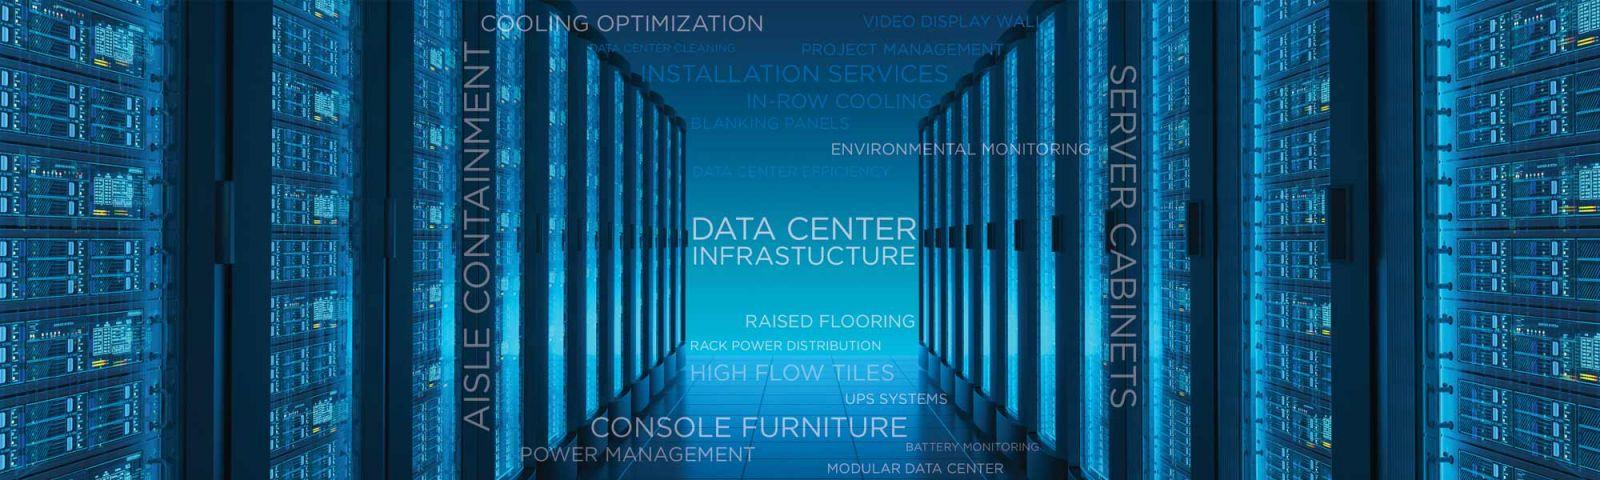 Giải pháp trung tâm dữ liệu